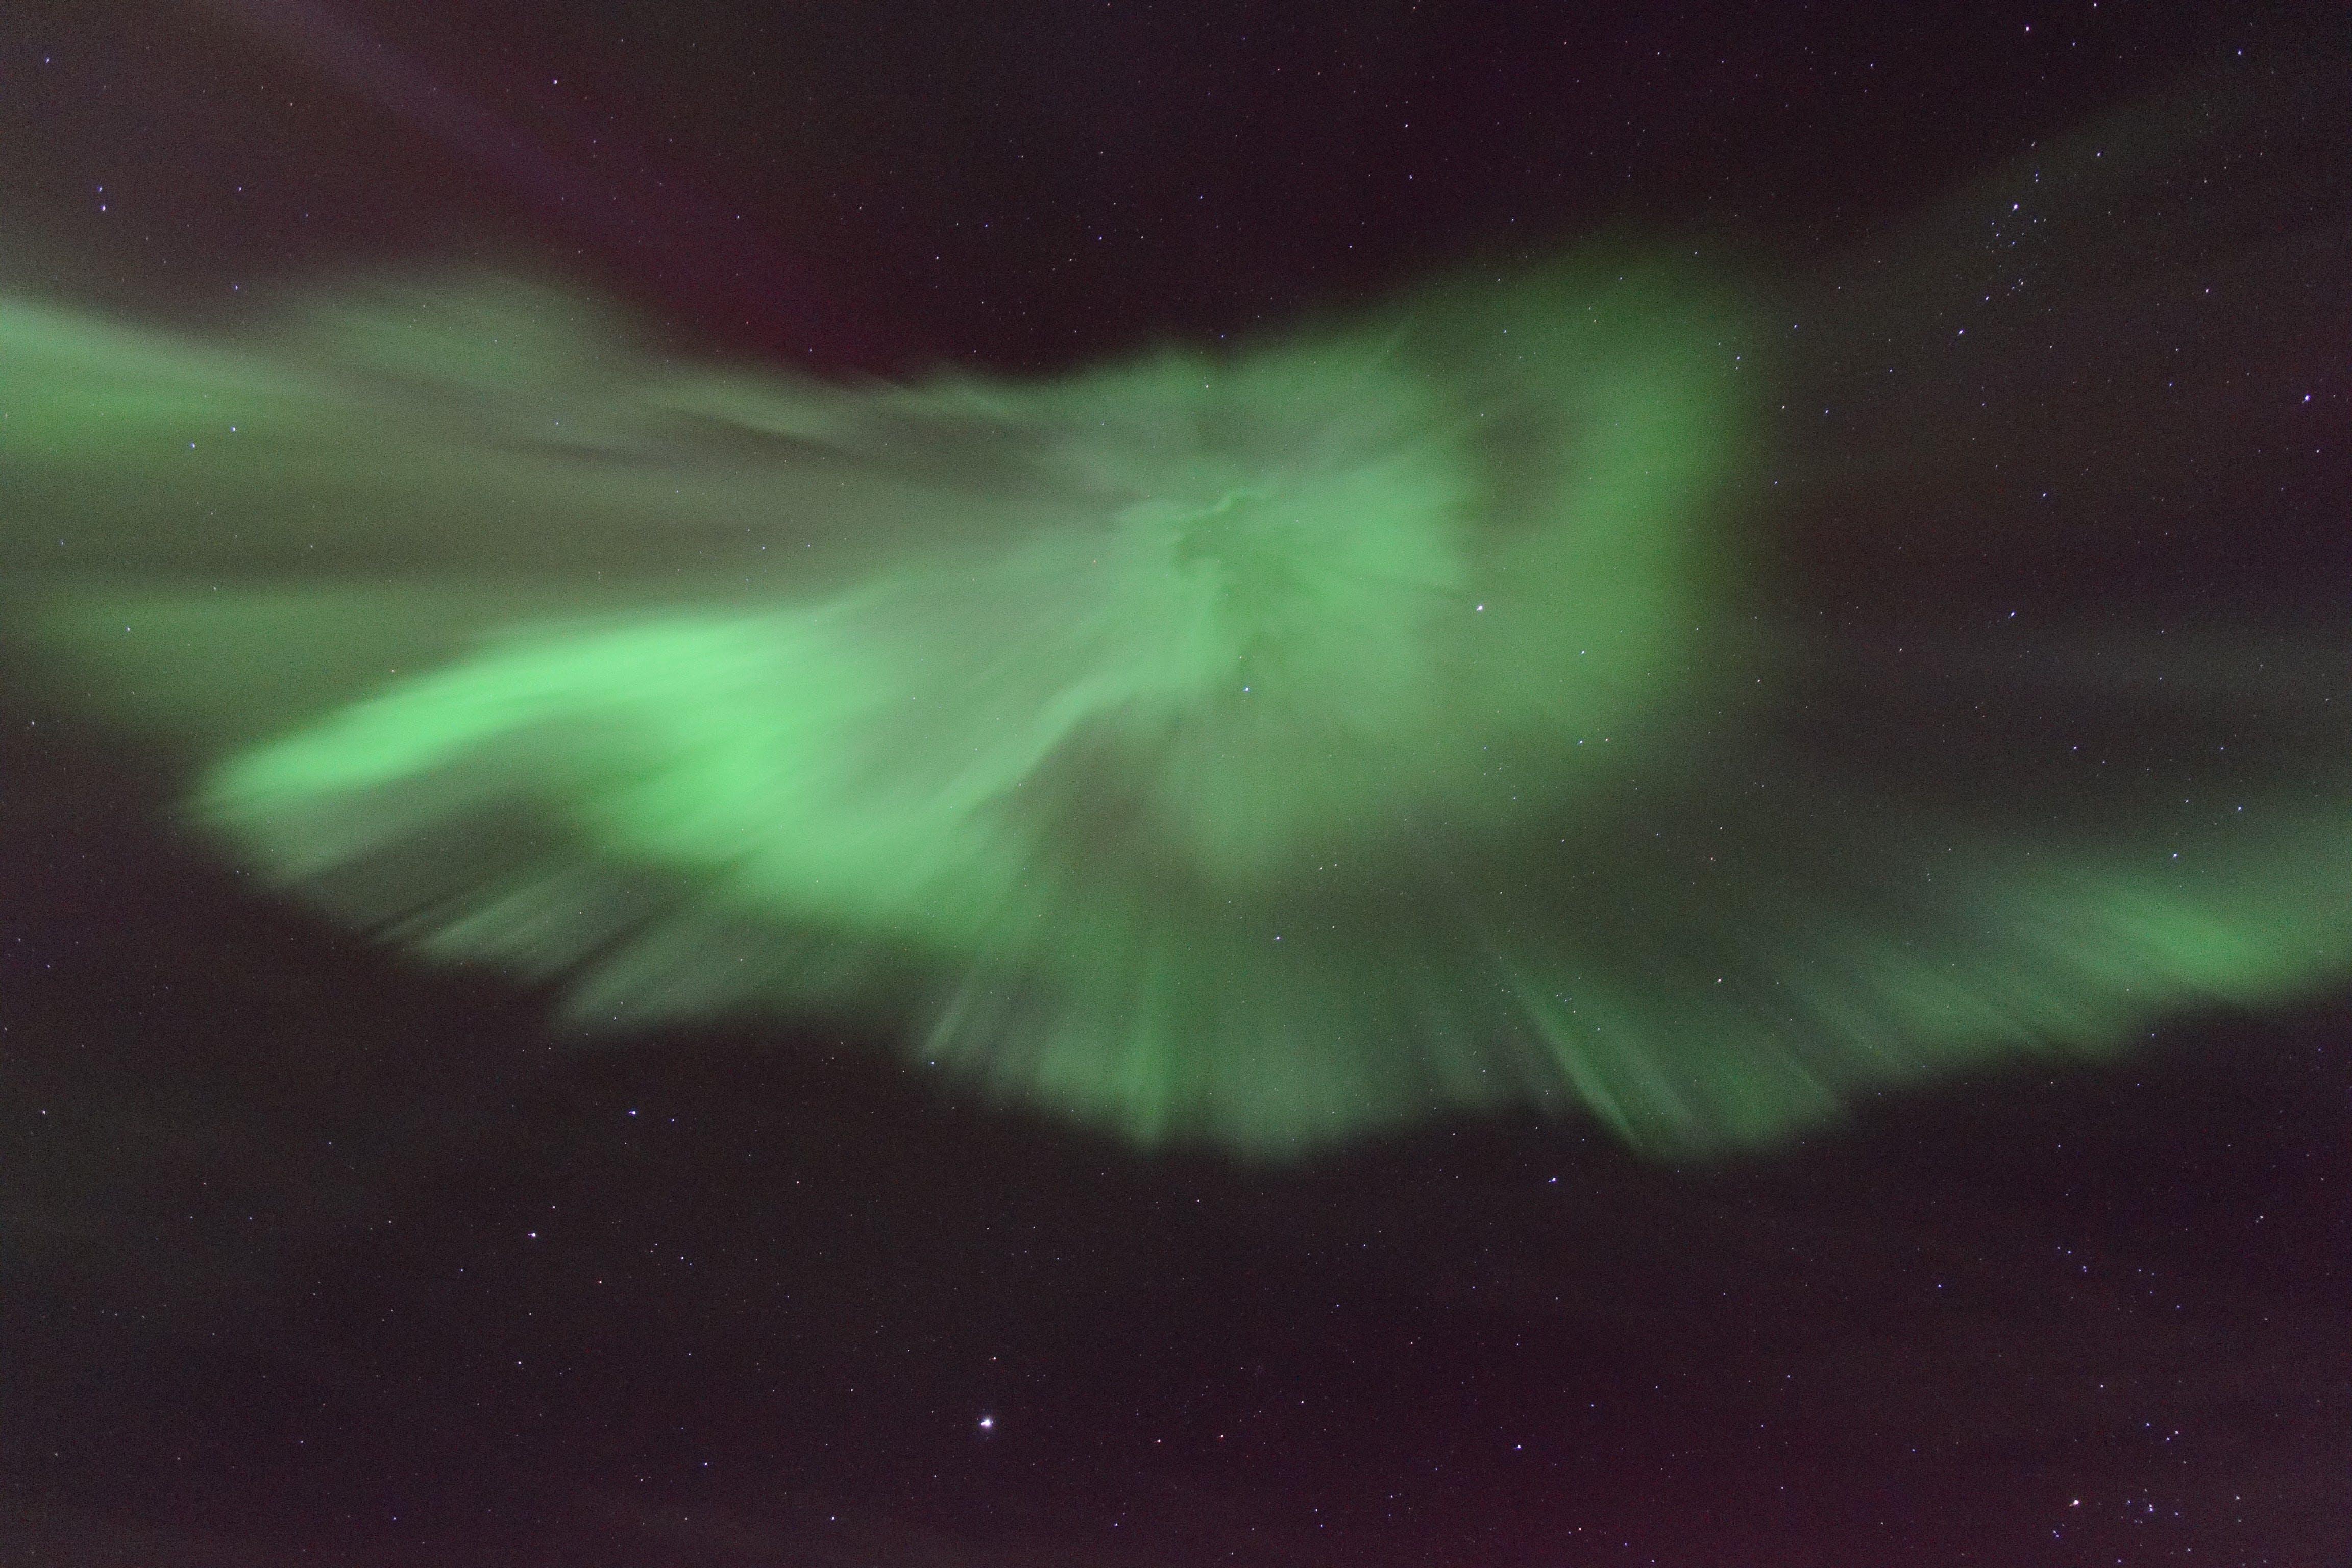 Sortie aurores boréales en yacht au large de Reykjavik